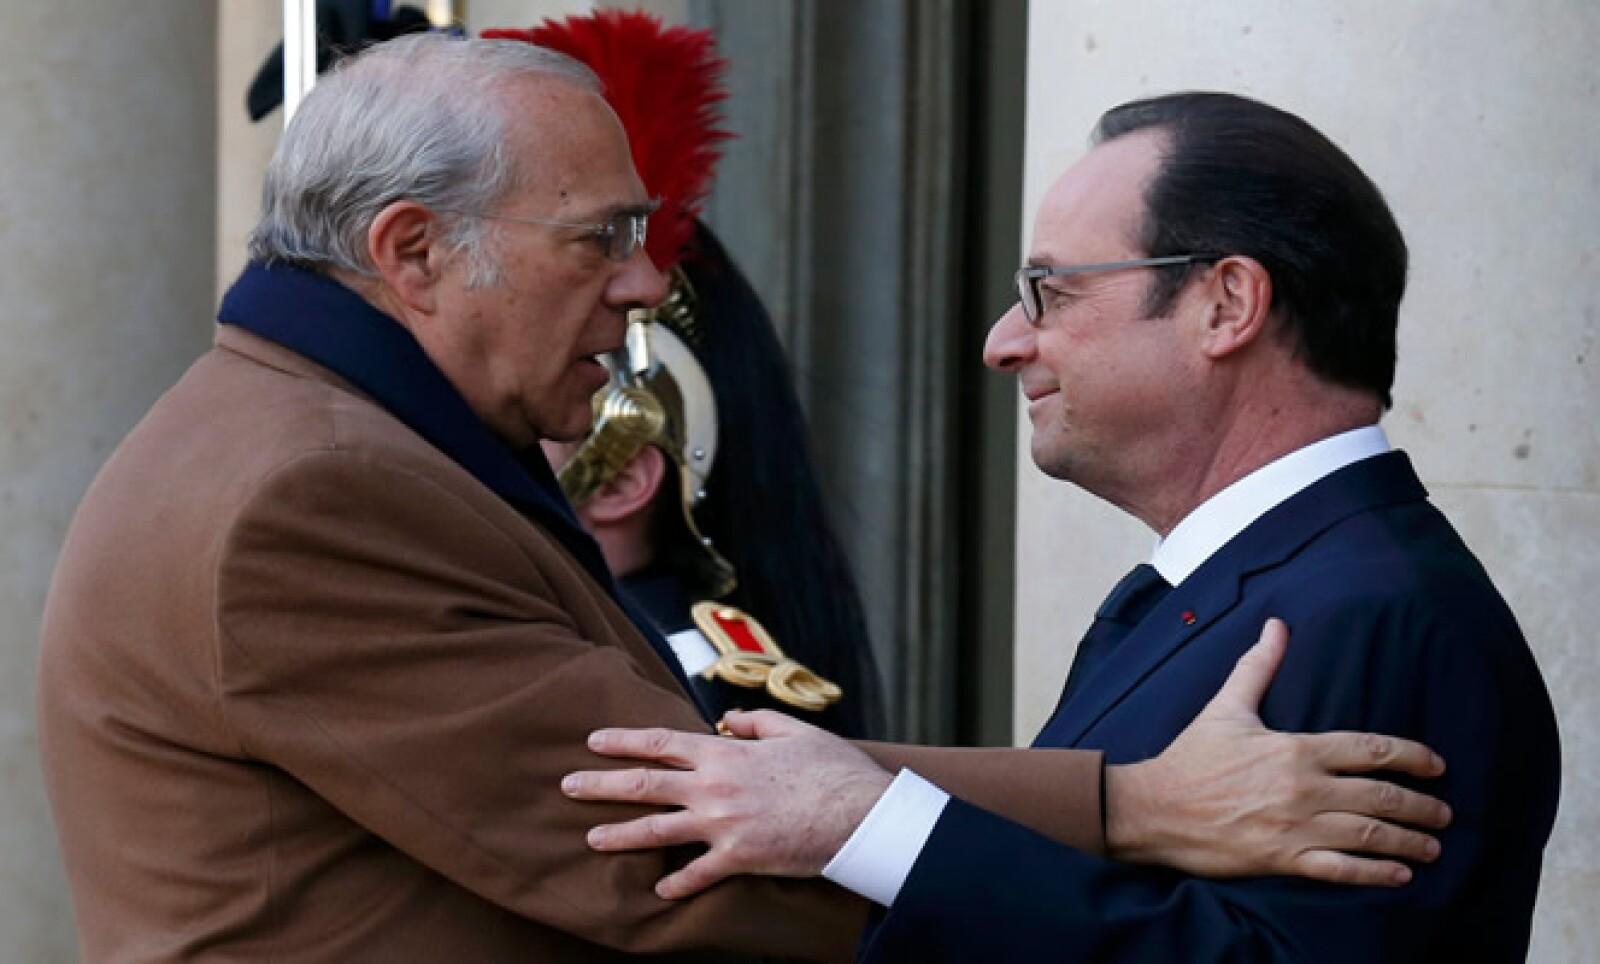 Ángel Gurría también estuvo entre quienes le dieron sus condolencias a Hollande.